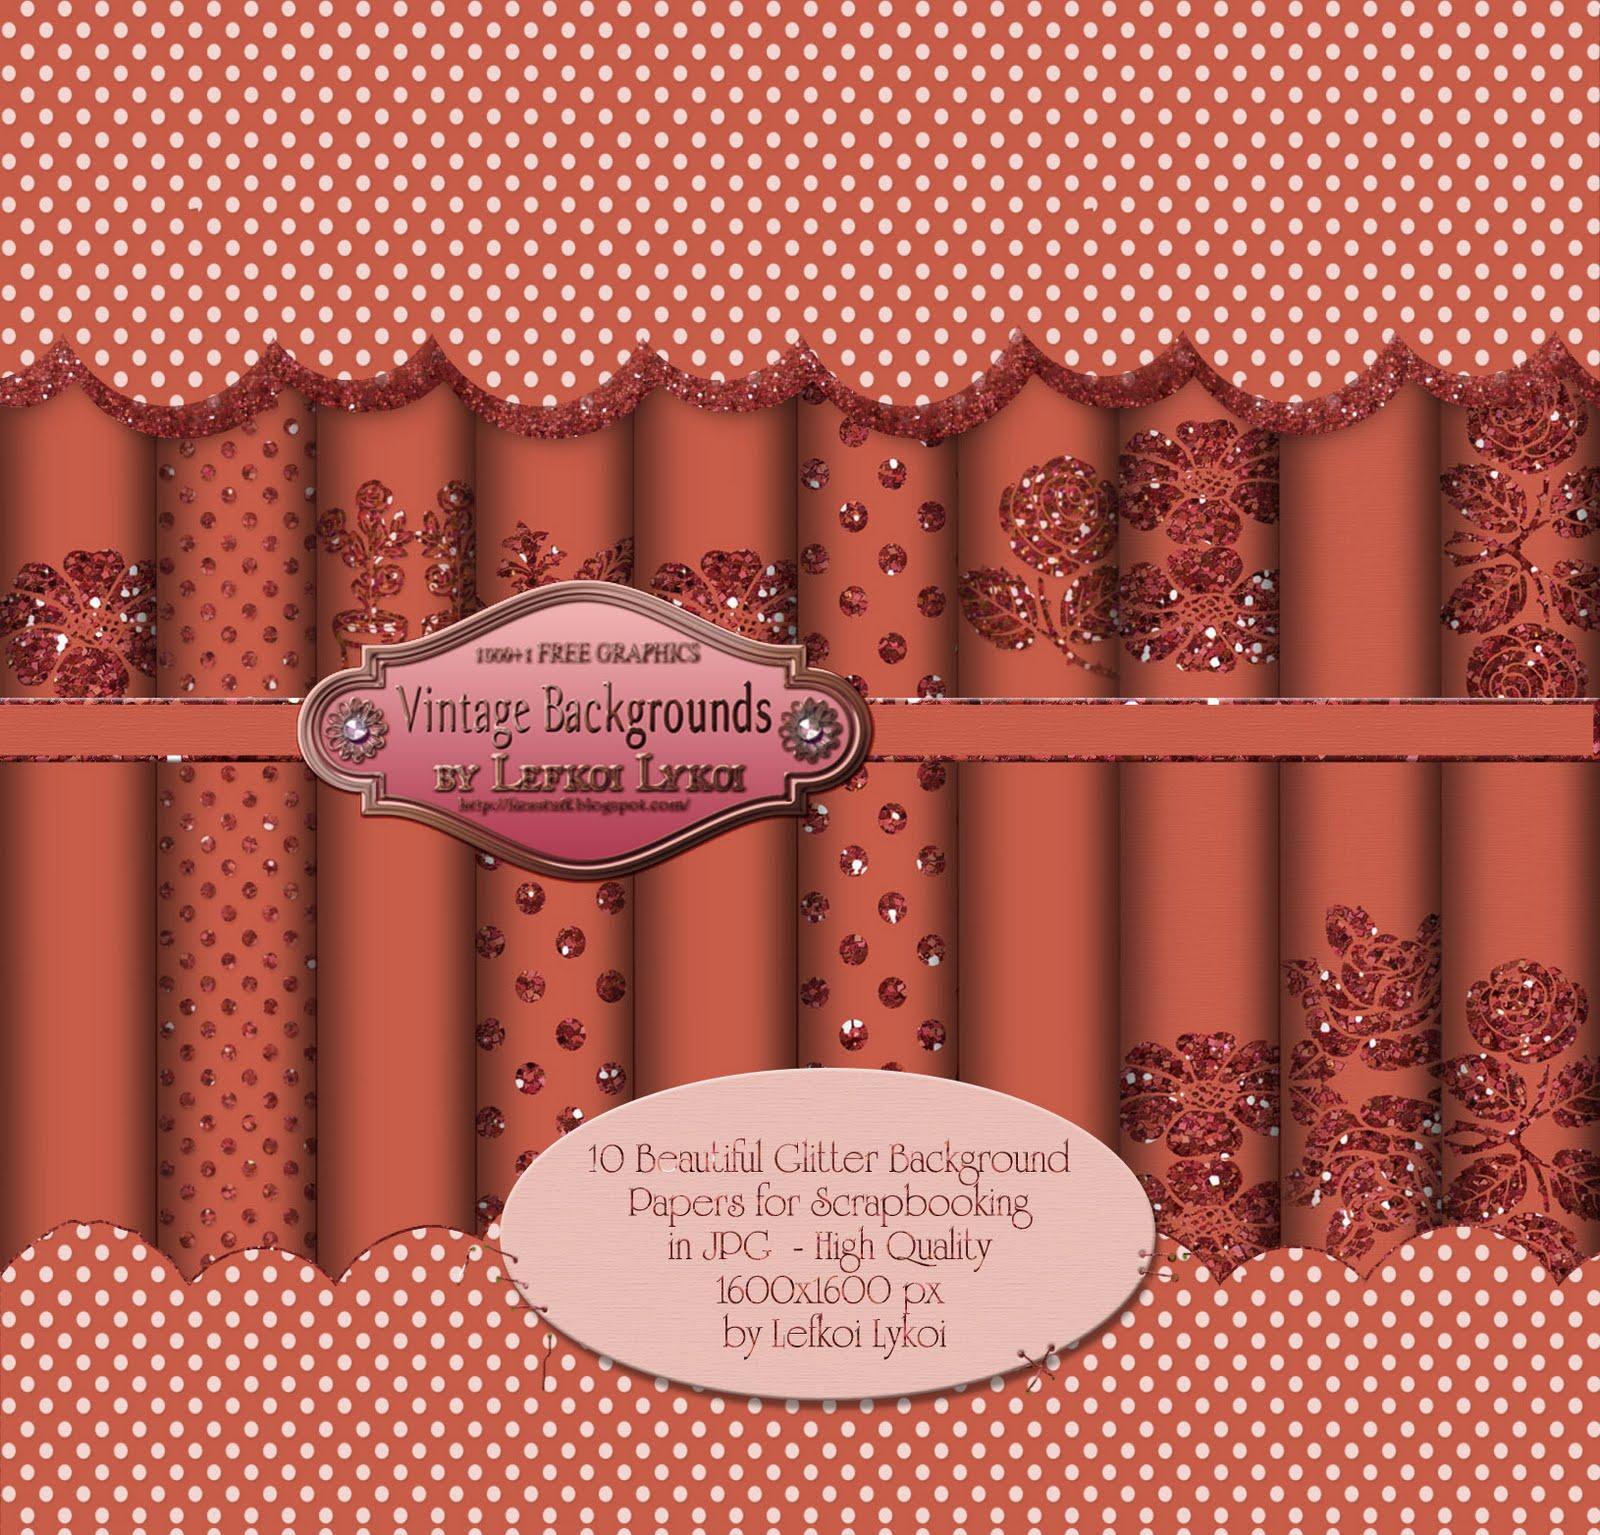 http://2.bp.blogspot.com/-oTp4e2yGdzQ/TdTDcjlli3I/AAAAAAAAPGs/10k5L7V8TYY/s1600/wallpaper%2Bsample.jpg